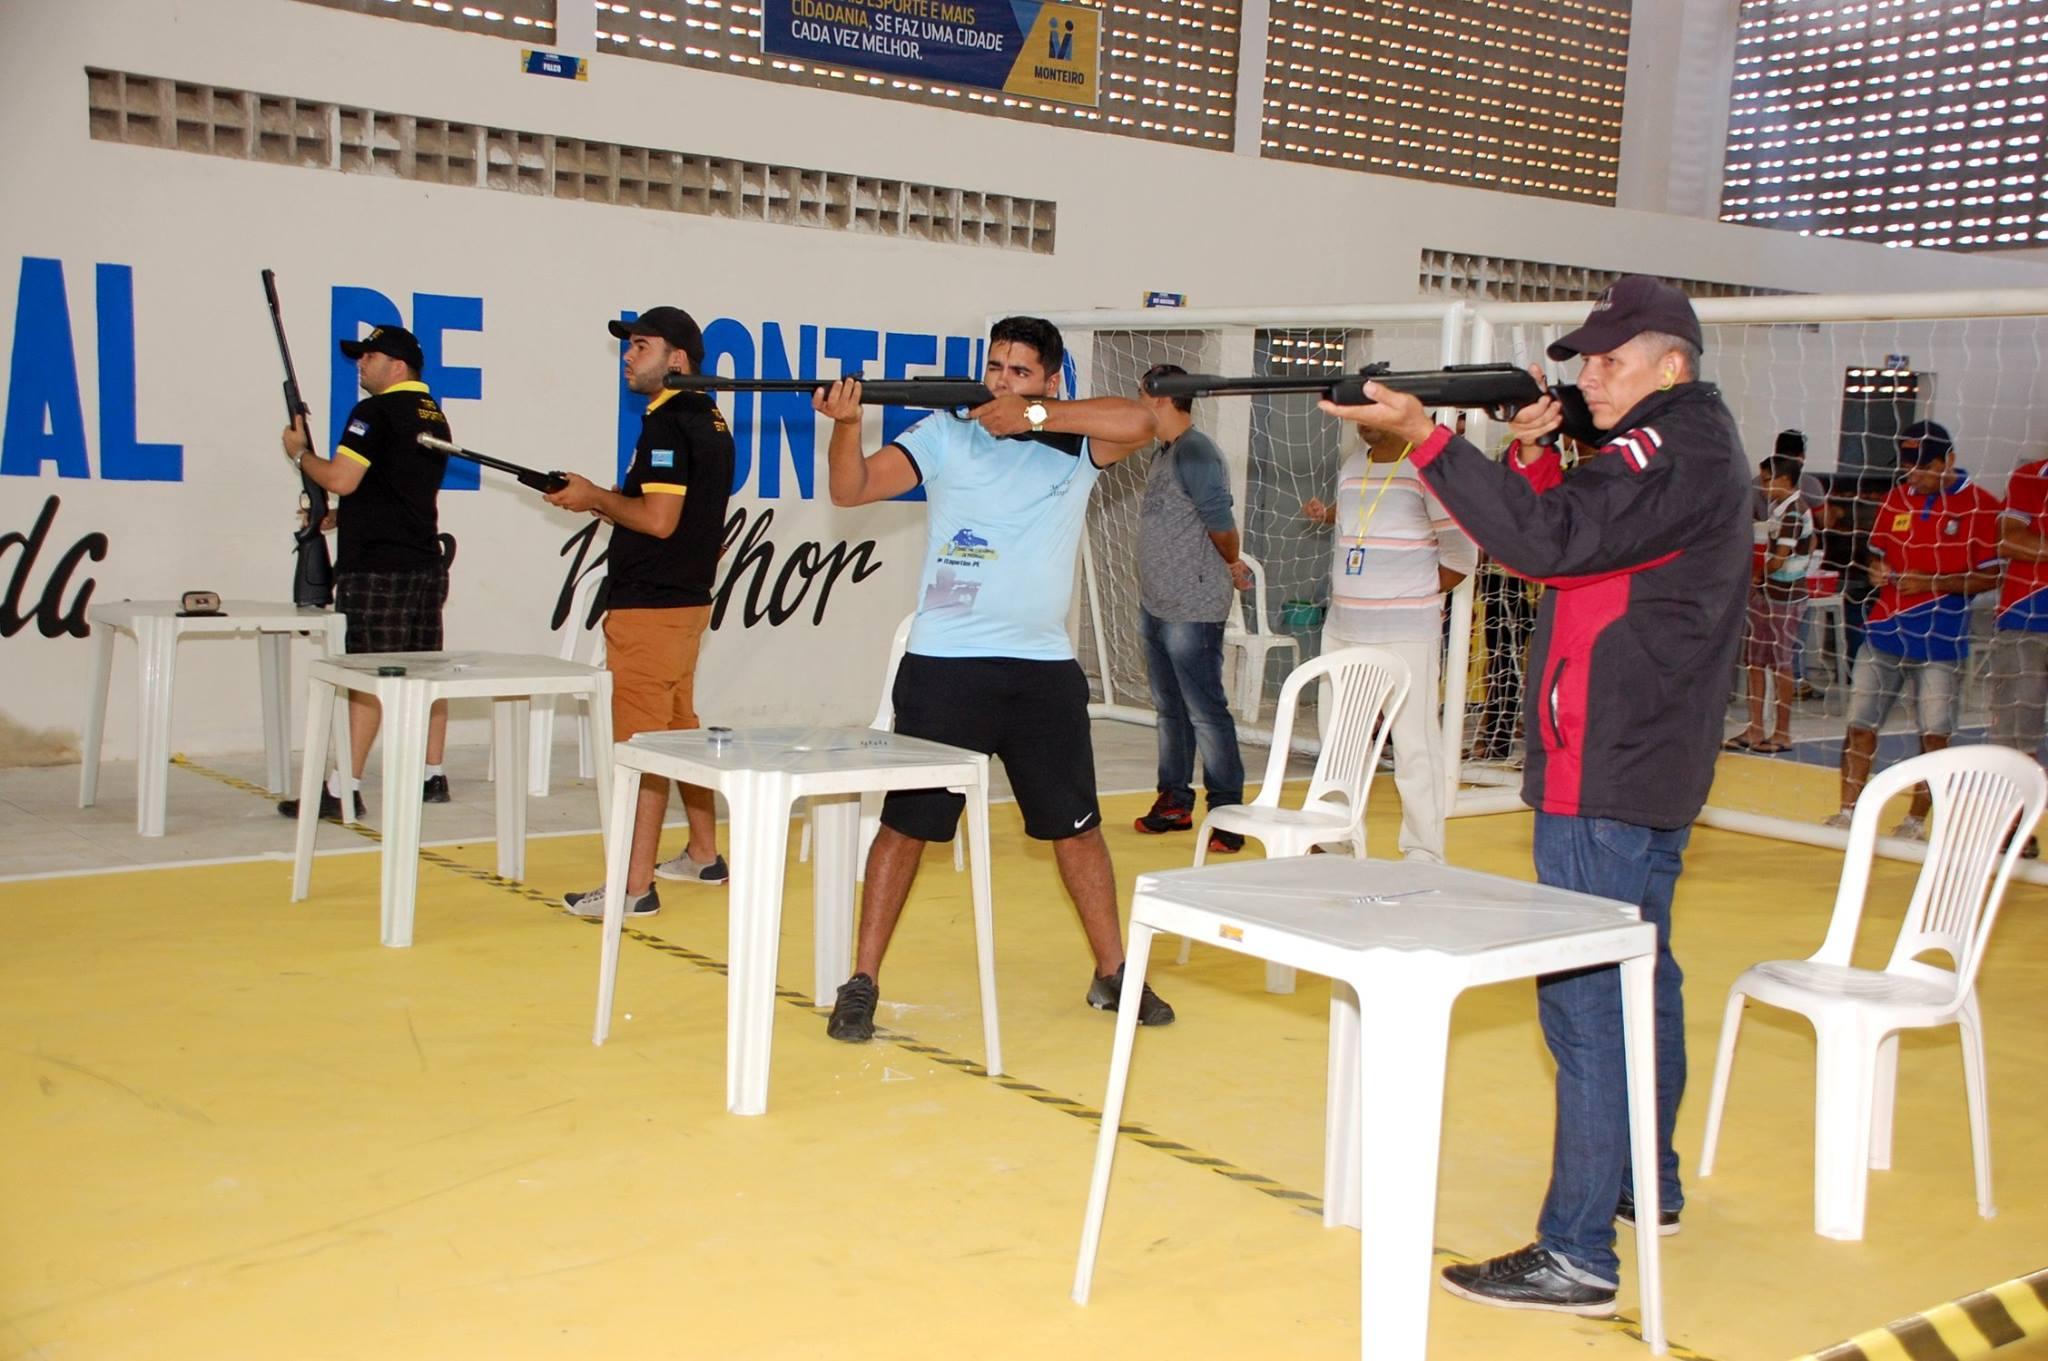 18738782_1889324521340738_1578330112643278762_o-1-300x199 Participantes comemoram o sucesso do Torneio de Tiro Esportivo de Monteiro